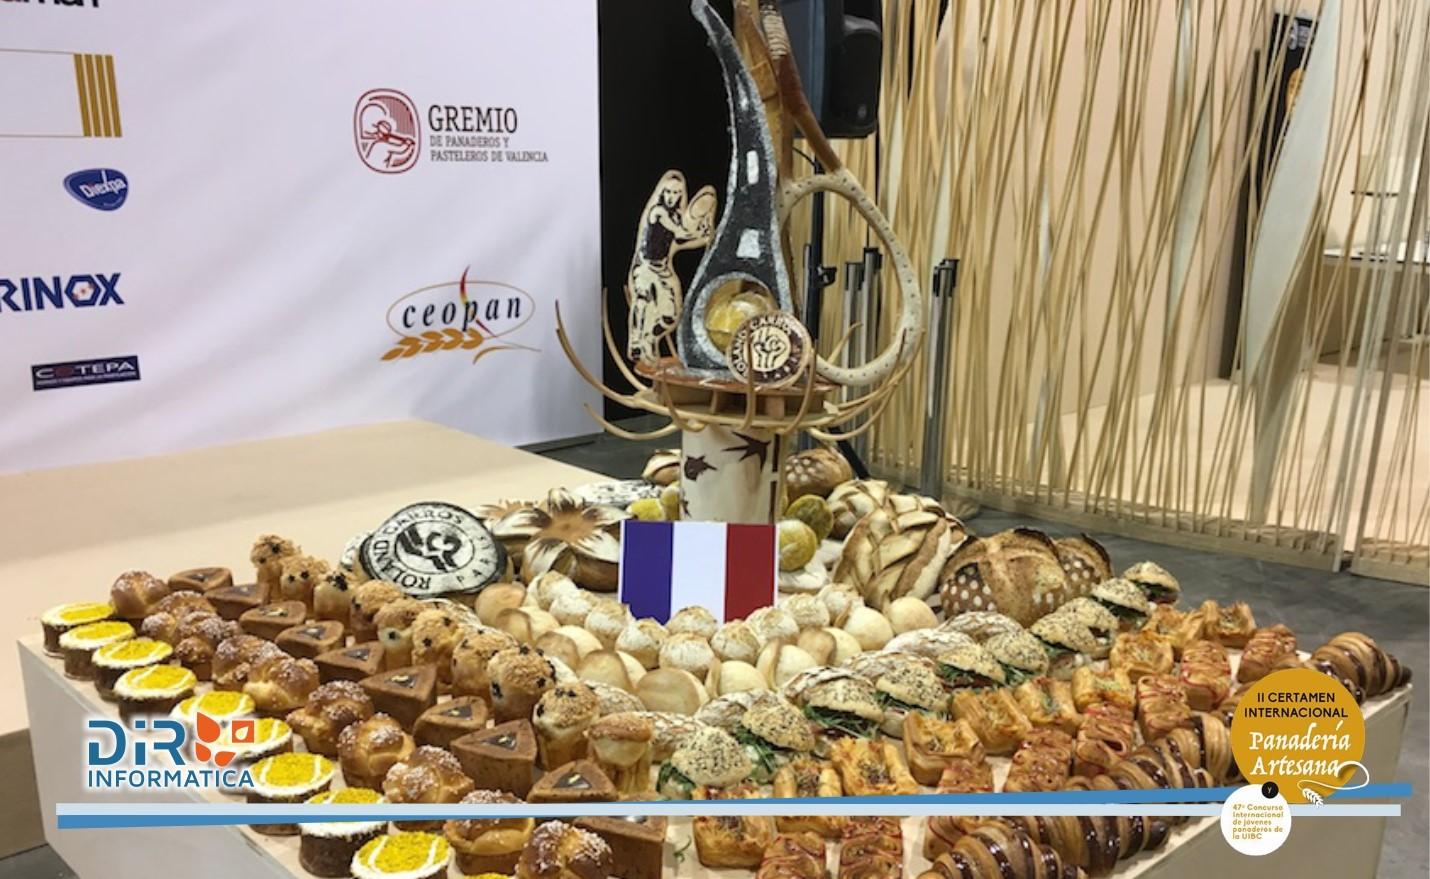 II Certamen Internacional de Panadería - 47º Campeonato Internacional de Jóvenes Panader@s